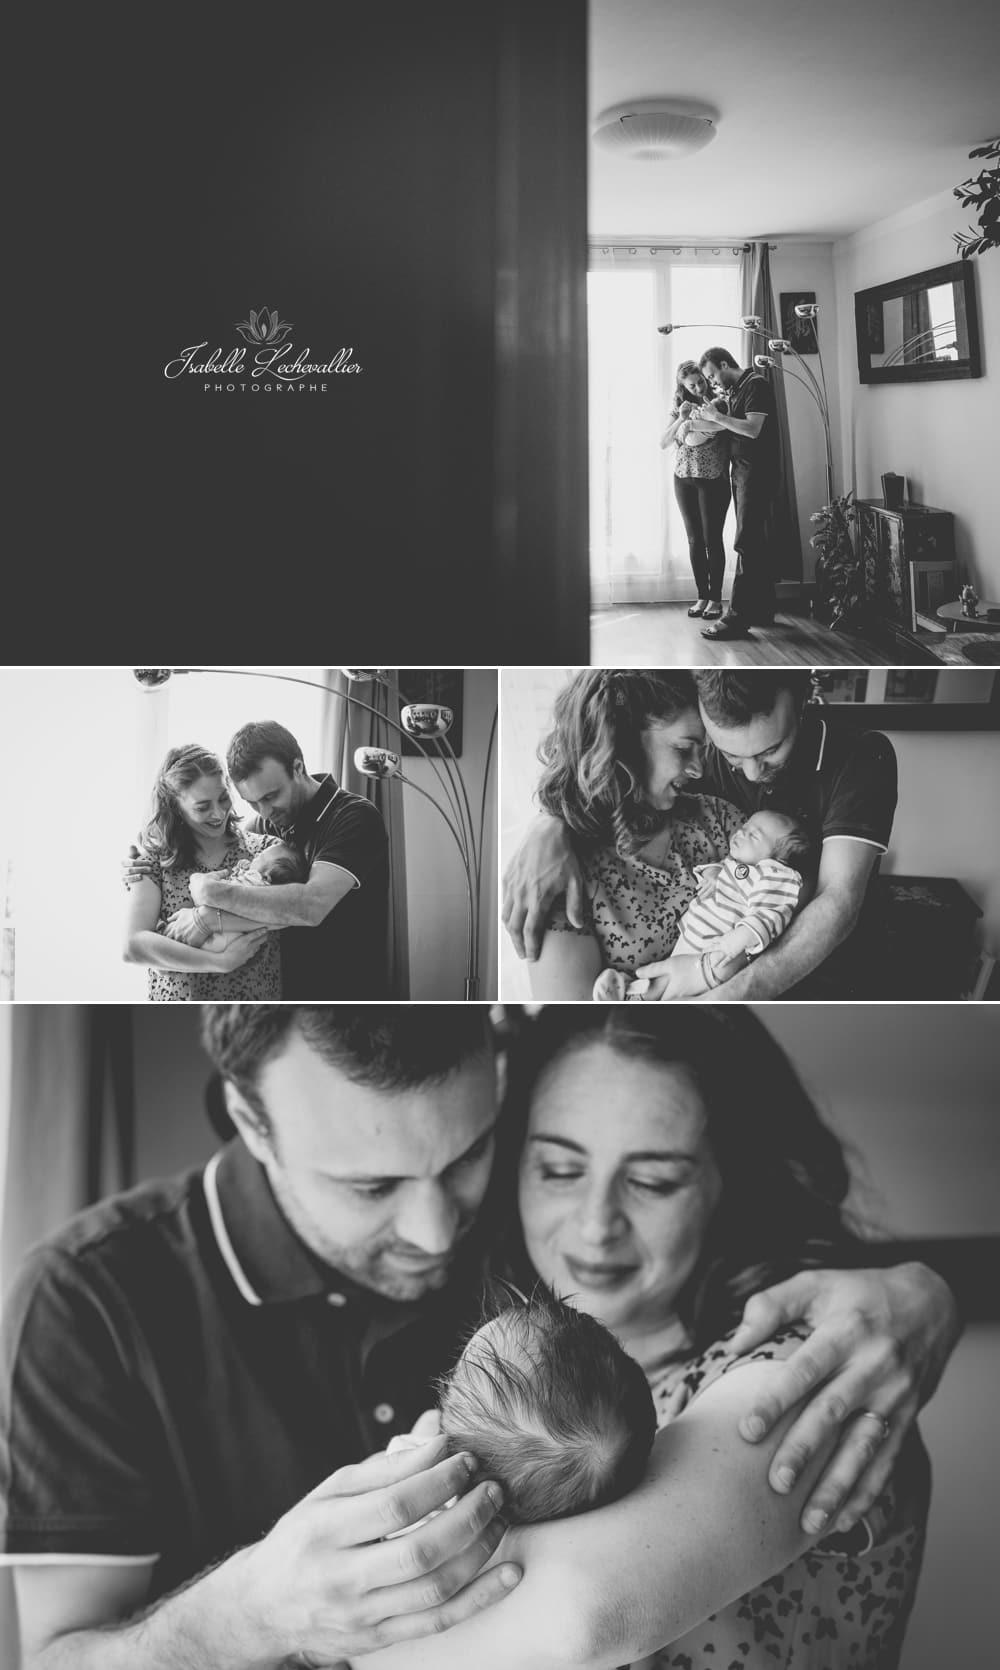 Des photos en famille à la maison